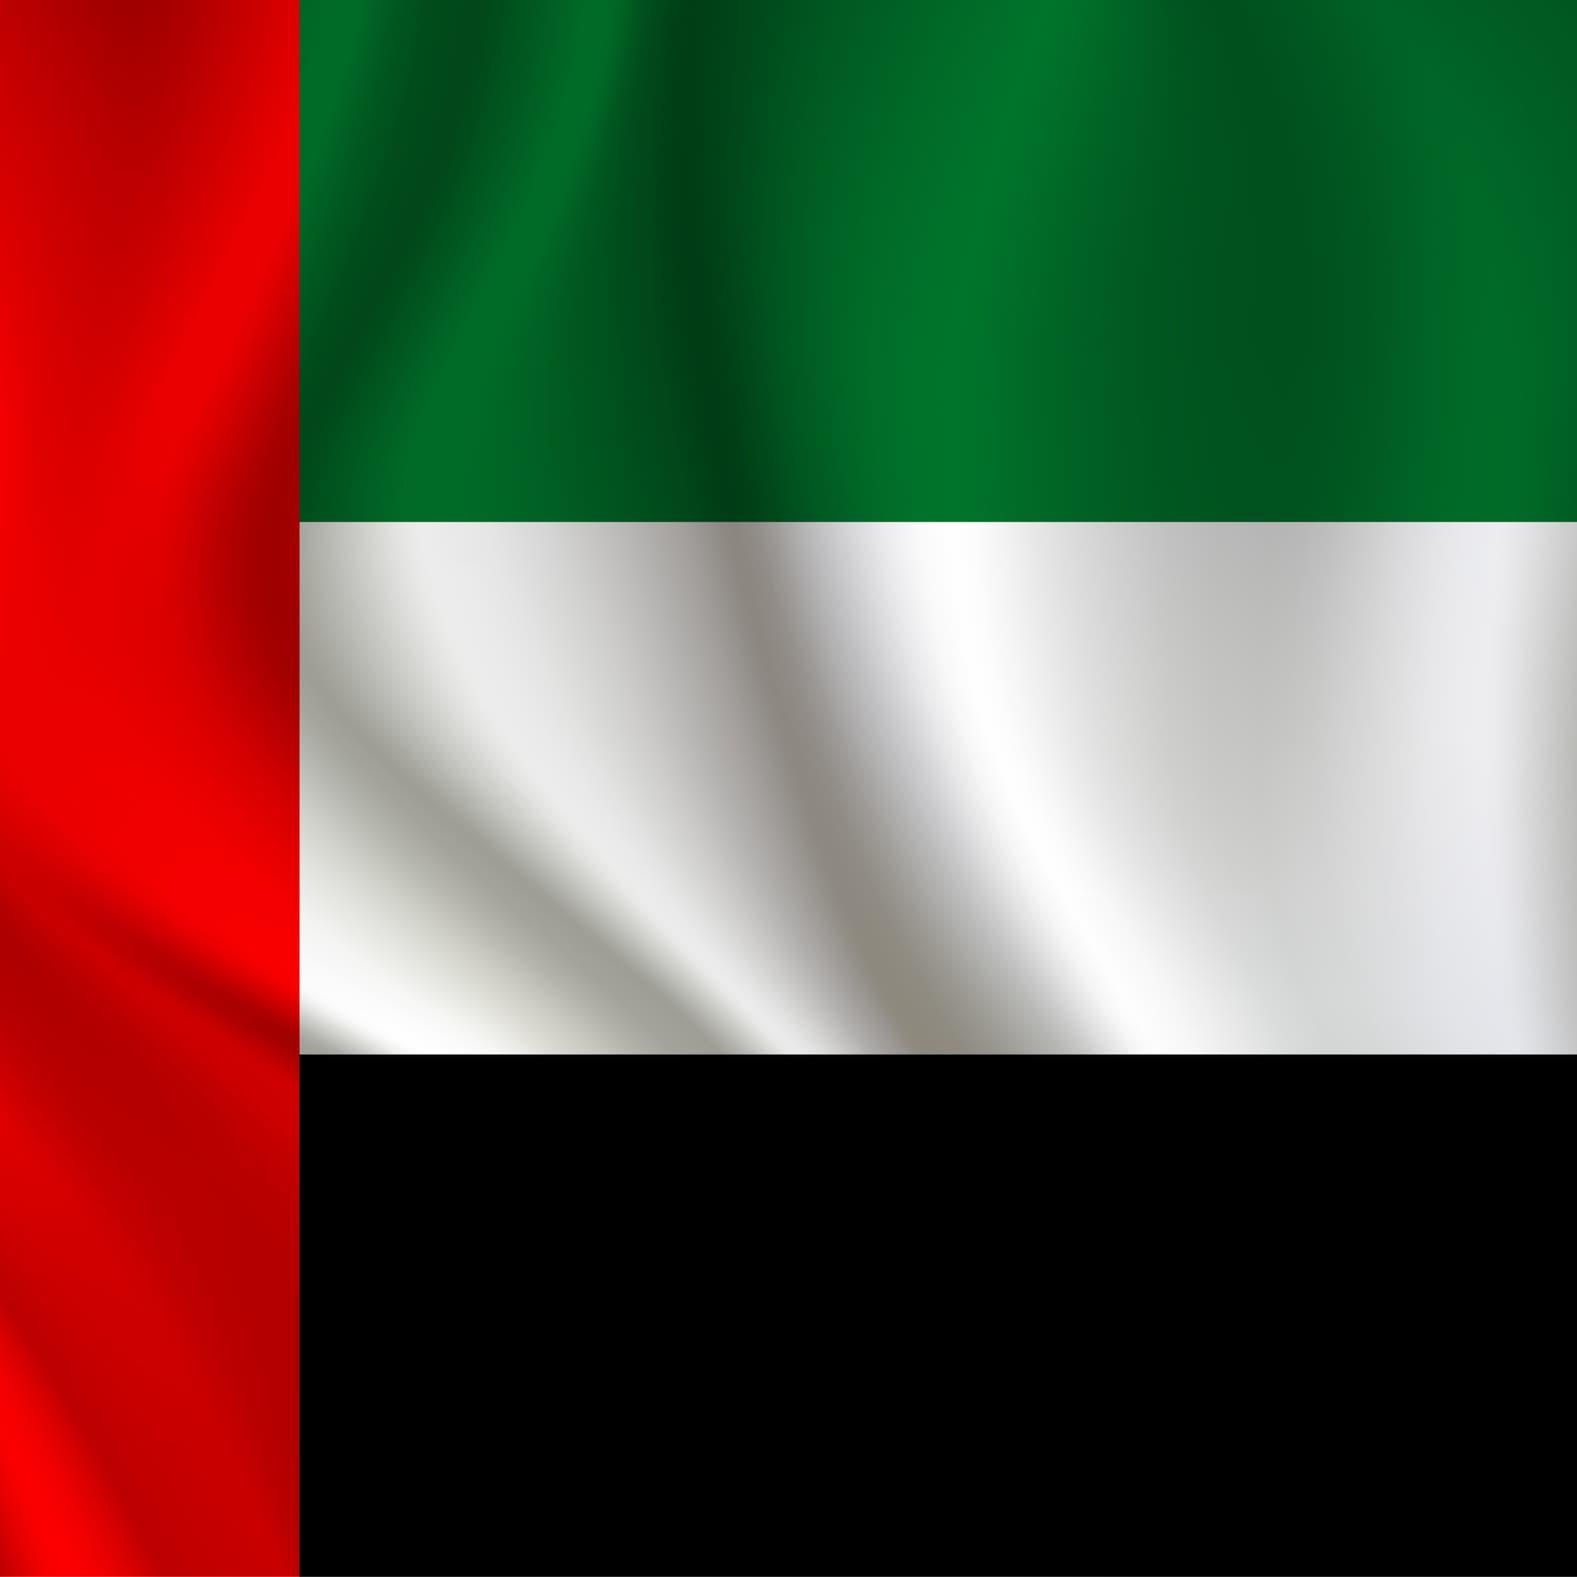 الإمارات تحقق 4.7 مليار دولار فائضاً في موازنة النصف الأول 2020